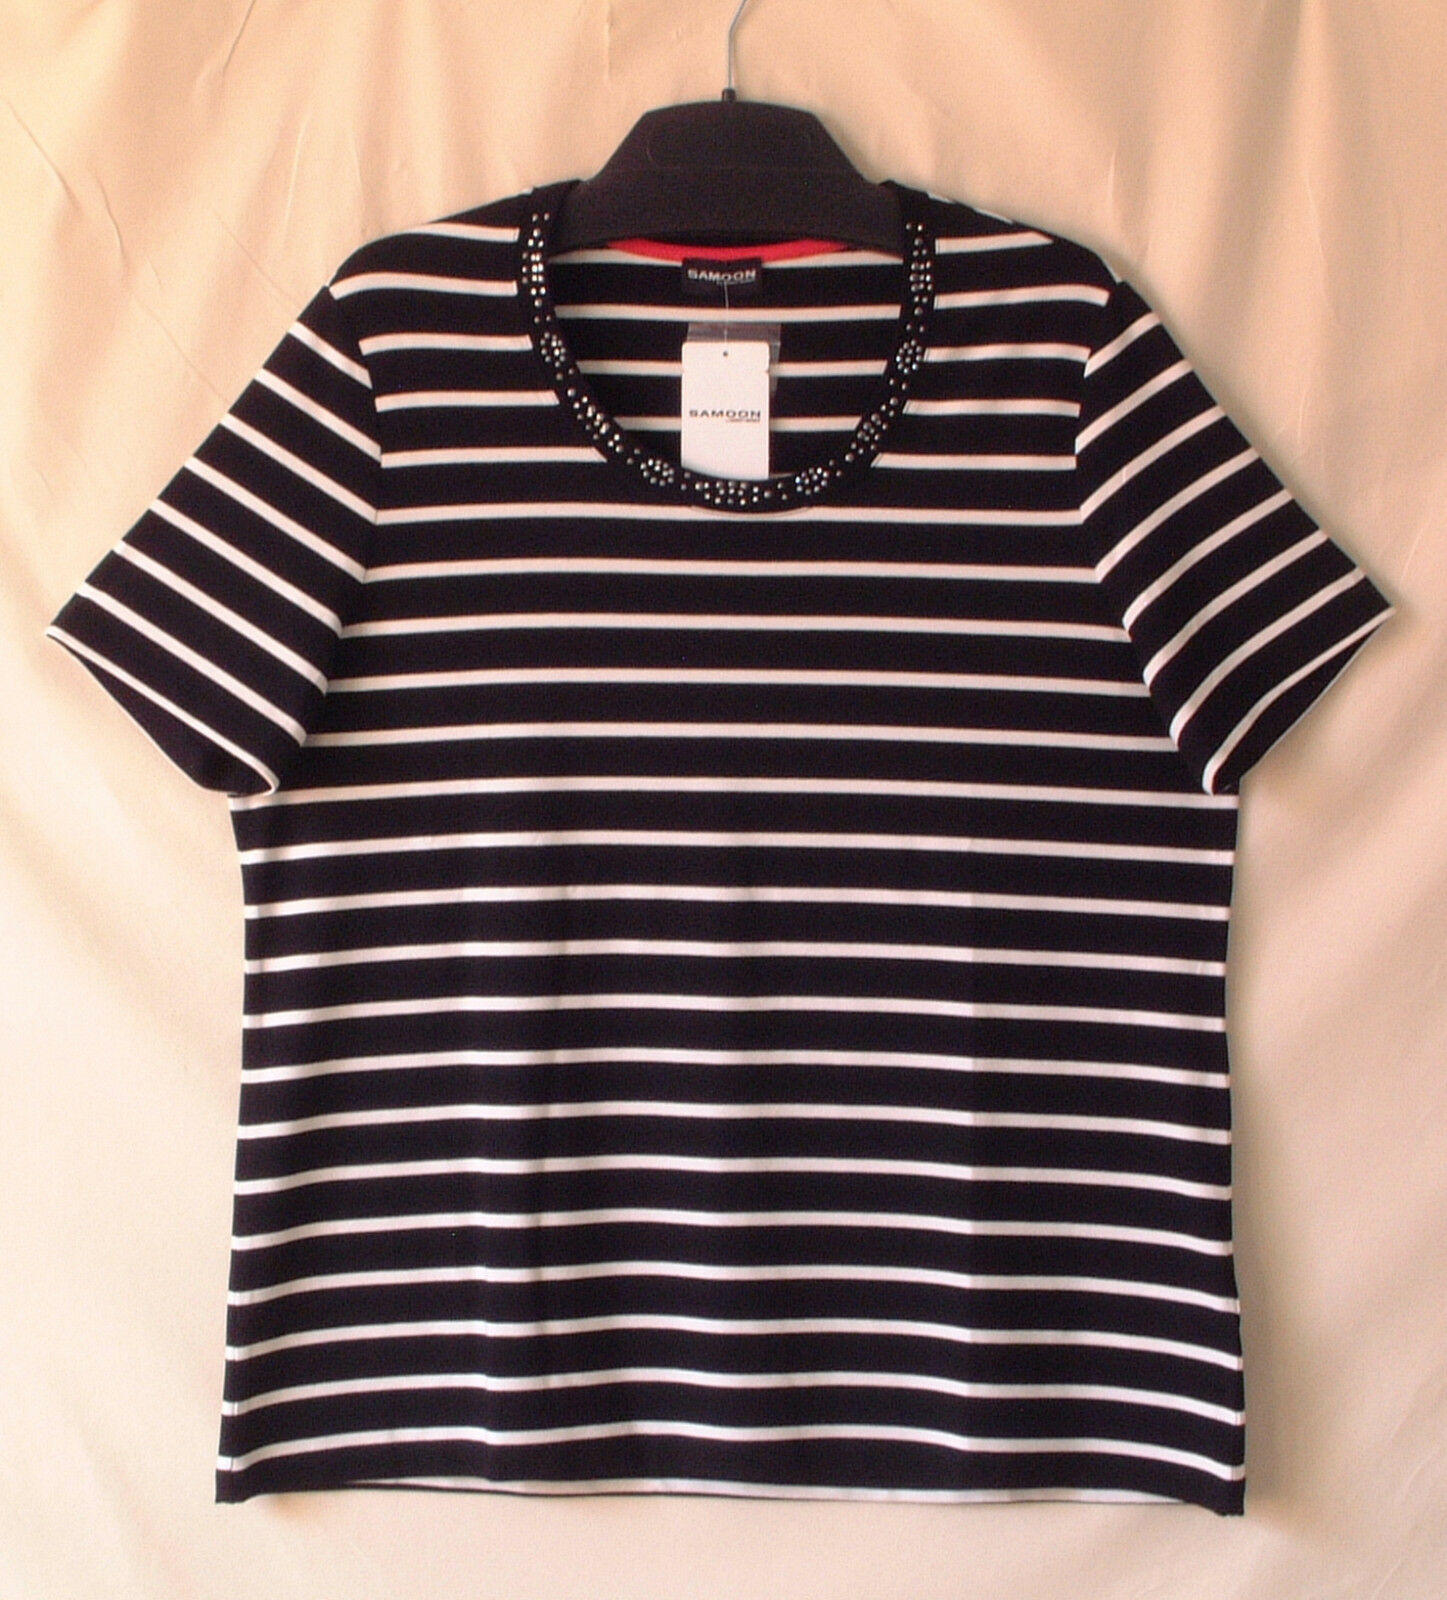 Samoon Shirt Gerry Weber gestreift Viskose Stretch Rundhals verziert Damen Gr.44